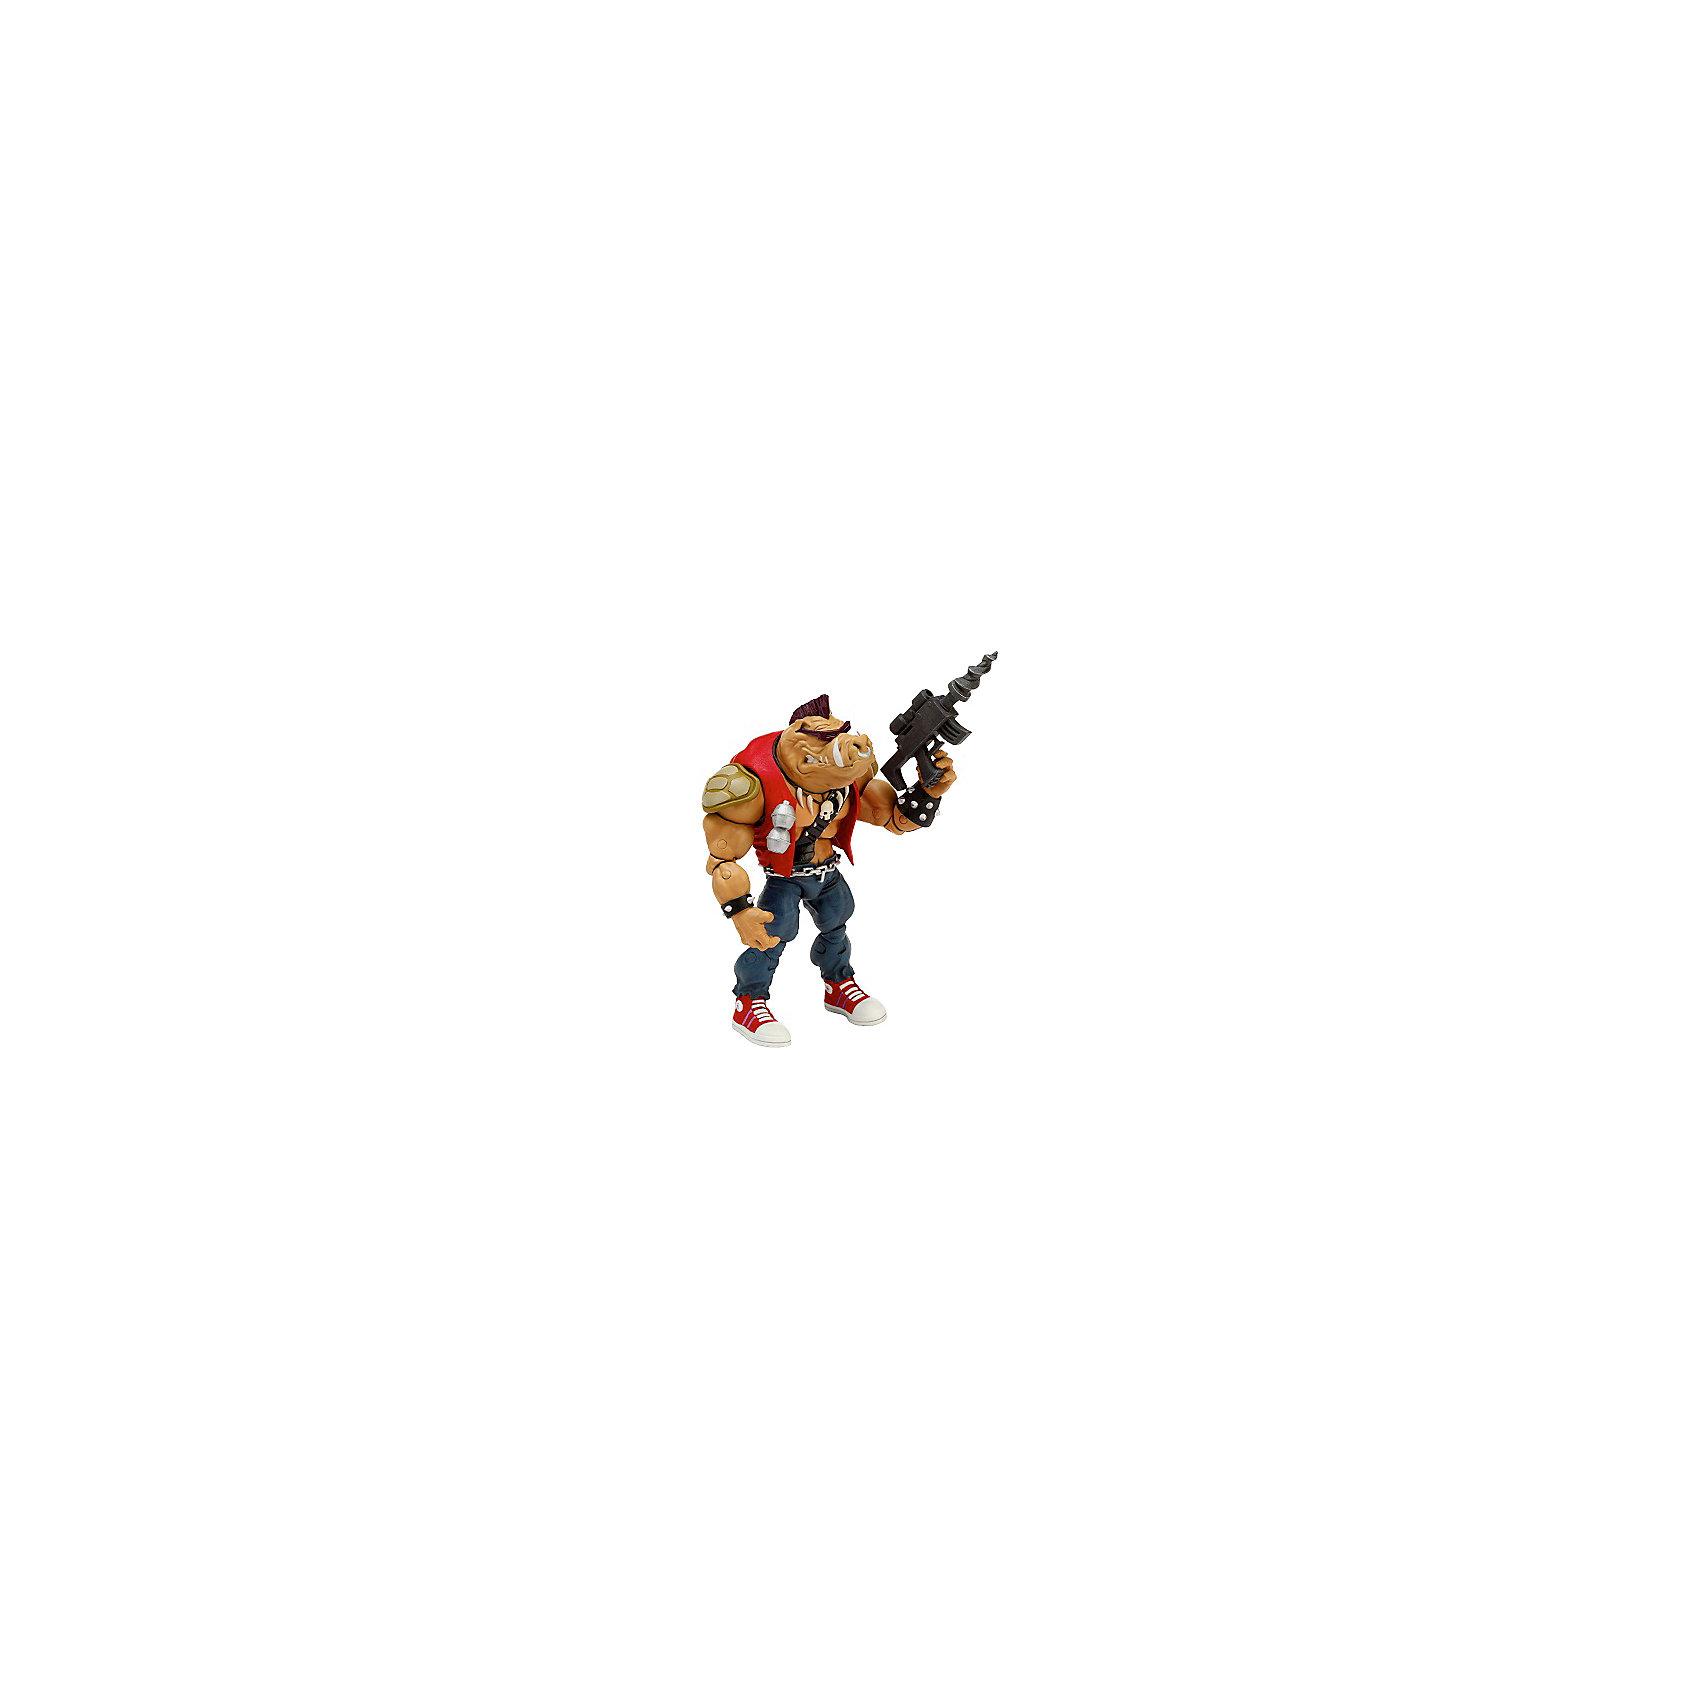 Фигурка Бибоп, 15 см, Черепашки НиндзяКоллекционные и игровые фигурки<br>Фигурка Бибоп, 15 см, Черепашки Ниндзя – это коллекционная фигурка, выполненная по мотивам первого мультсериала о Черепашках Ниндзя.<br>Юный поклонник Черепашек Ниндзя придет в полный восторг, получив фигурку кабана-мутанта Бибопа в свою коллекцию. Фигурка Бибопа была создана по мотивам самых первых серий про приключения Черепашек Ниндзя, вышедших на экраны в далеком 1988 году. Игрушка отличается высокой степенью сходства с героем. Фигурка имеет 34 точки артикуляции, что позволит ребенку ставить игрушку во множество боевых позиций. К фигурке прилагаются аксессуары в виде автомата, который замечательно ложится в руку злодея, и канализационного люка, который можно использовать в качестве оружия или подставки. Продукция сертифицирована, экологически безопасна для ребенка, использованные красители не токсичны и гипоаллергенны.<br><br>Дополнительная информация:<br><br>- В комплекте: фигурка, автомат, канализационный люк<br>- Высота фигурки: 15 см.<br>- Материал: пластик<br><br>Фигурку Бибопа, 15 см, Черепашки Ниндзя можно купить в нашем интернет-магазине.<br><br>Ширина мм: 190<br>Глубина мм: 305<br>Высота мм: 70<br>Вес г: 413<br>Возраст от месяцев: 36<br>Возраст до месяцев: 84<br>Пол: Мужской<br>Возраст: Детский<br>SKU: 4726776